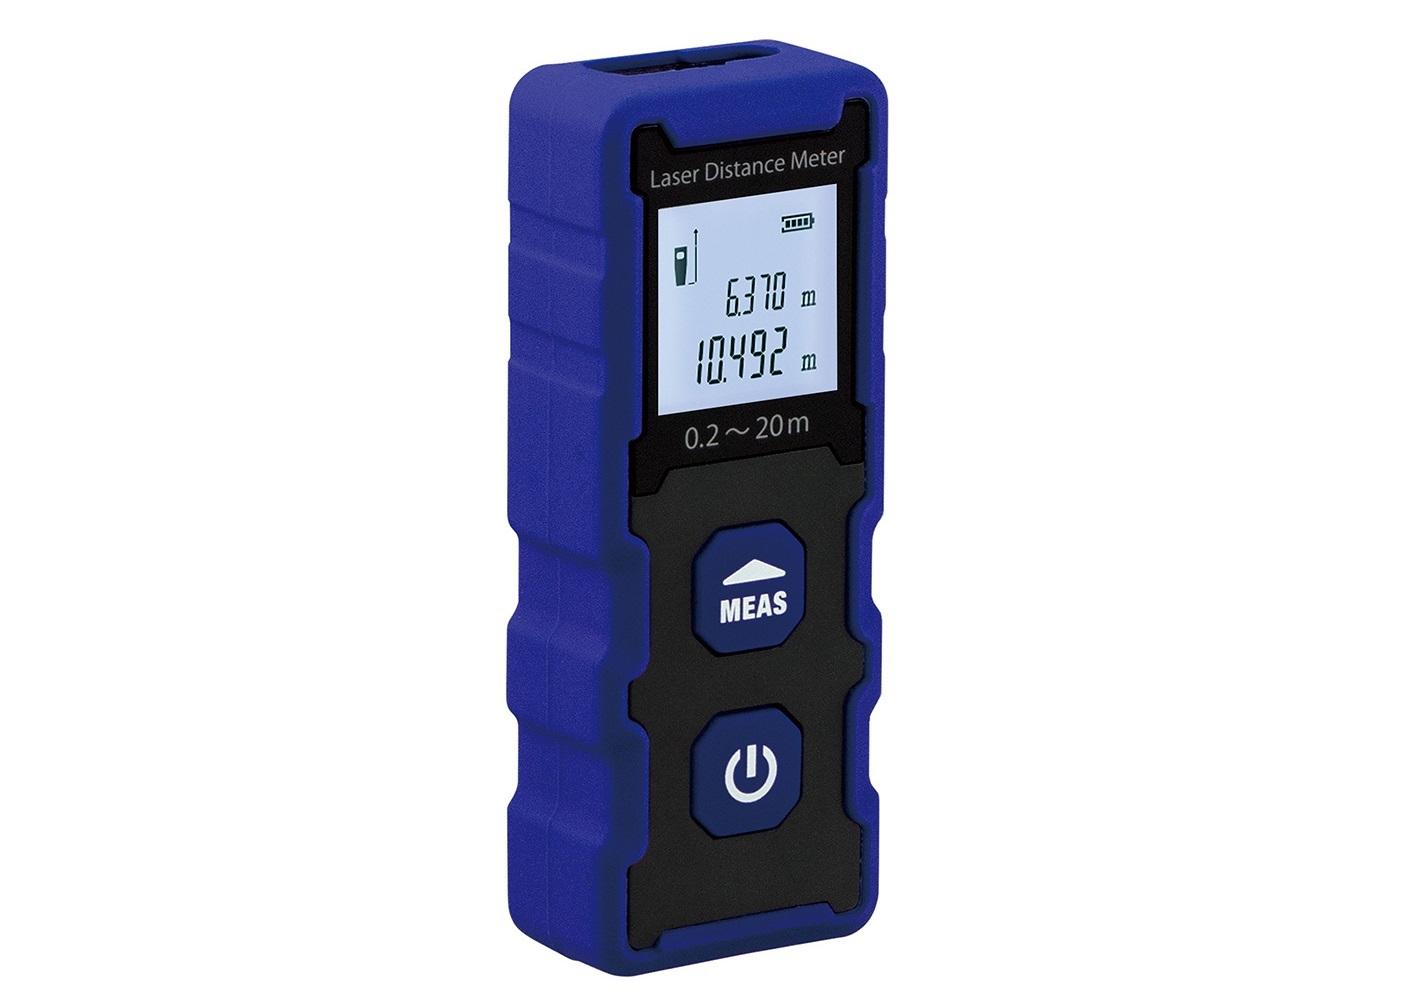 【カスタム】手軽で簡単、瞬時に測れる!レーザー距離計『LR-20』新発売!の画像